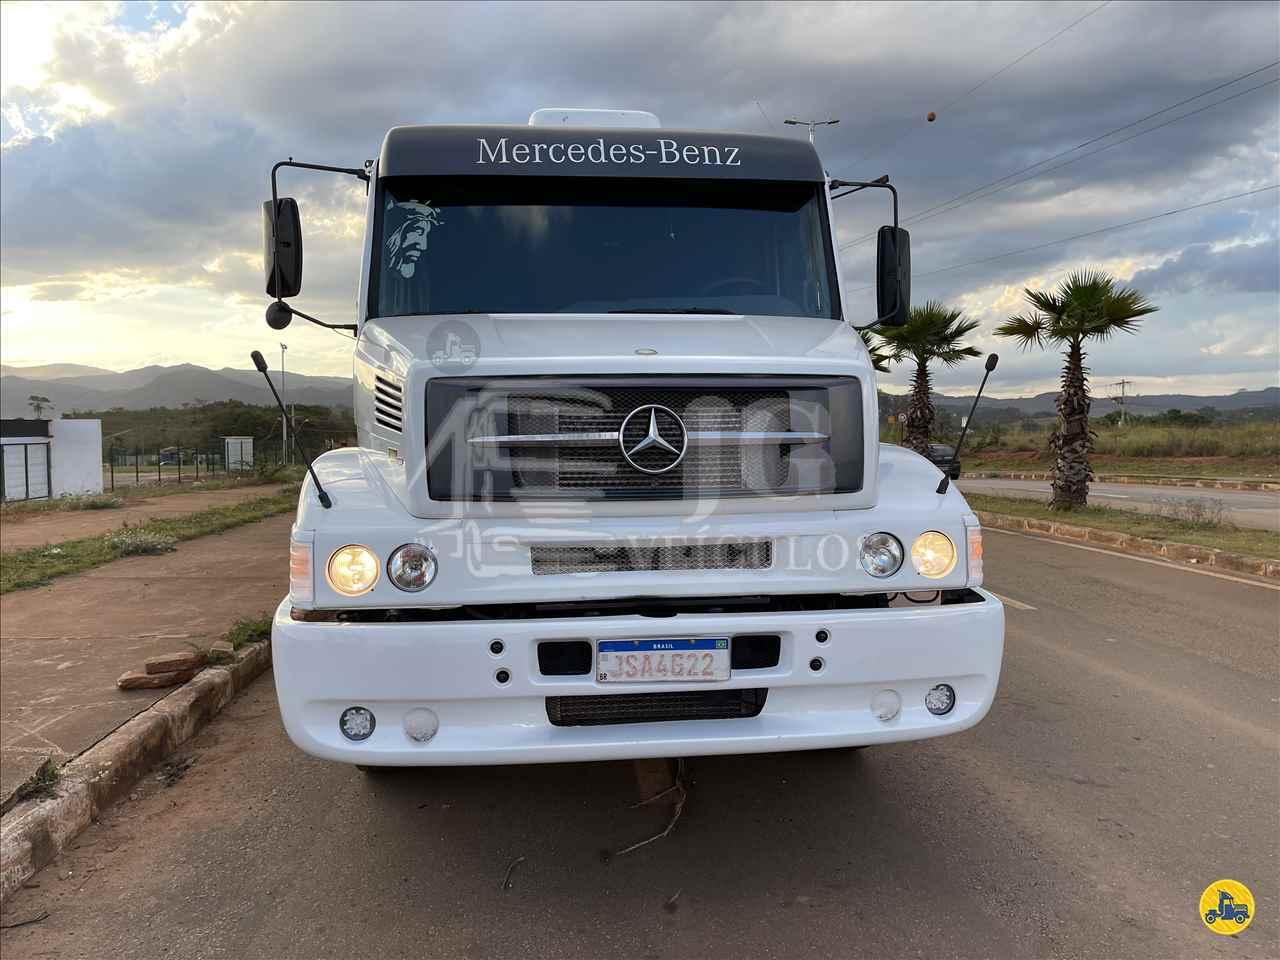 CAMINHAO MERCEDES-BENZ MB 1634 Cavalo Mecânico Truck 6x2 JG Veículos e Caminhões CONGONHAS MINAS GERAIS MG